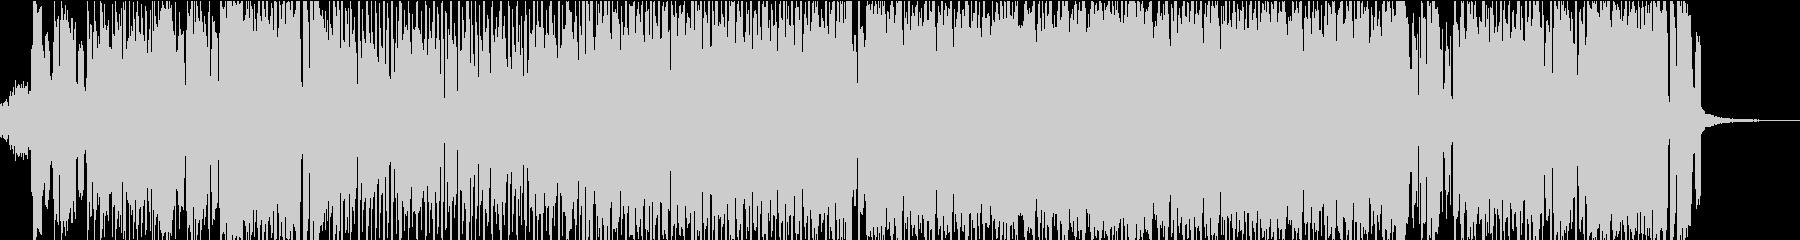 ファミリーのための電子音とアコギのBGMの未再生の波形